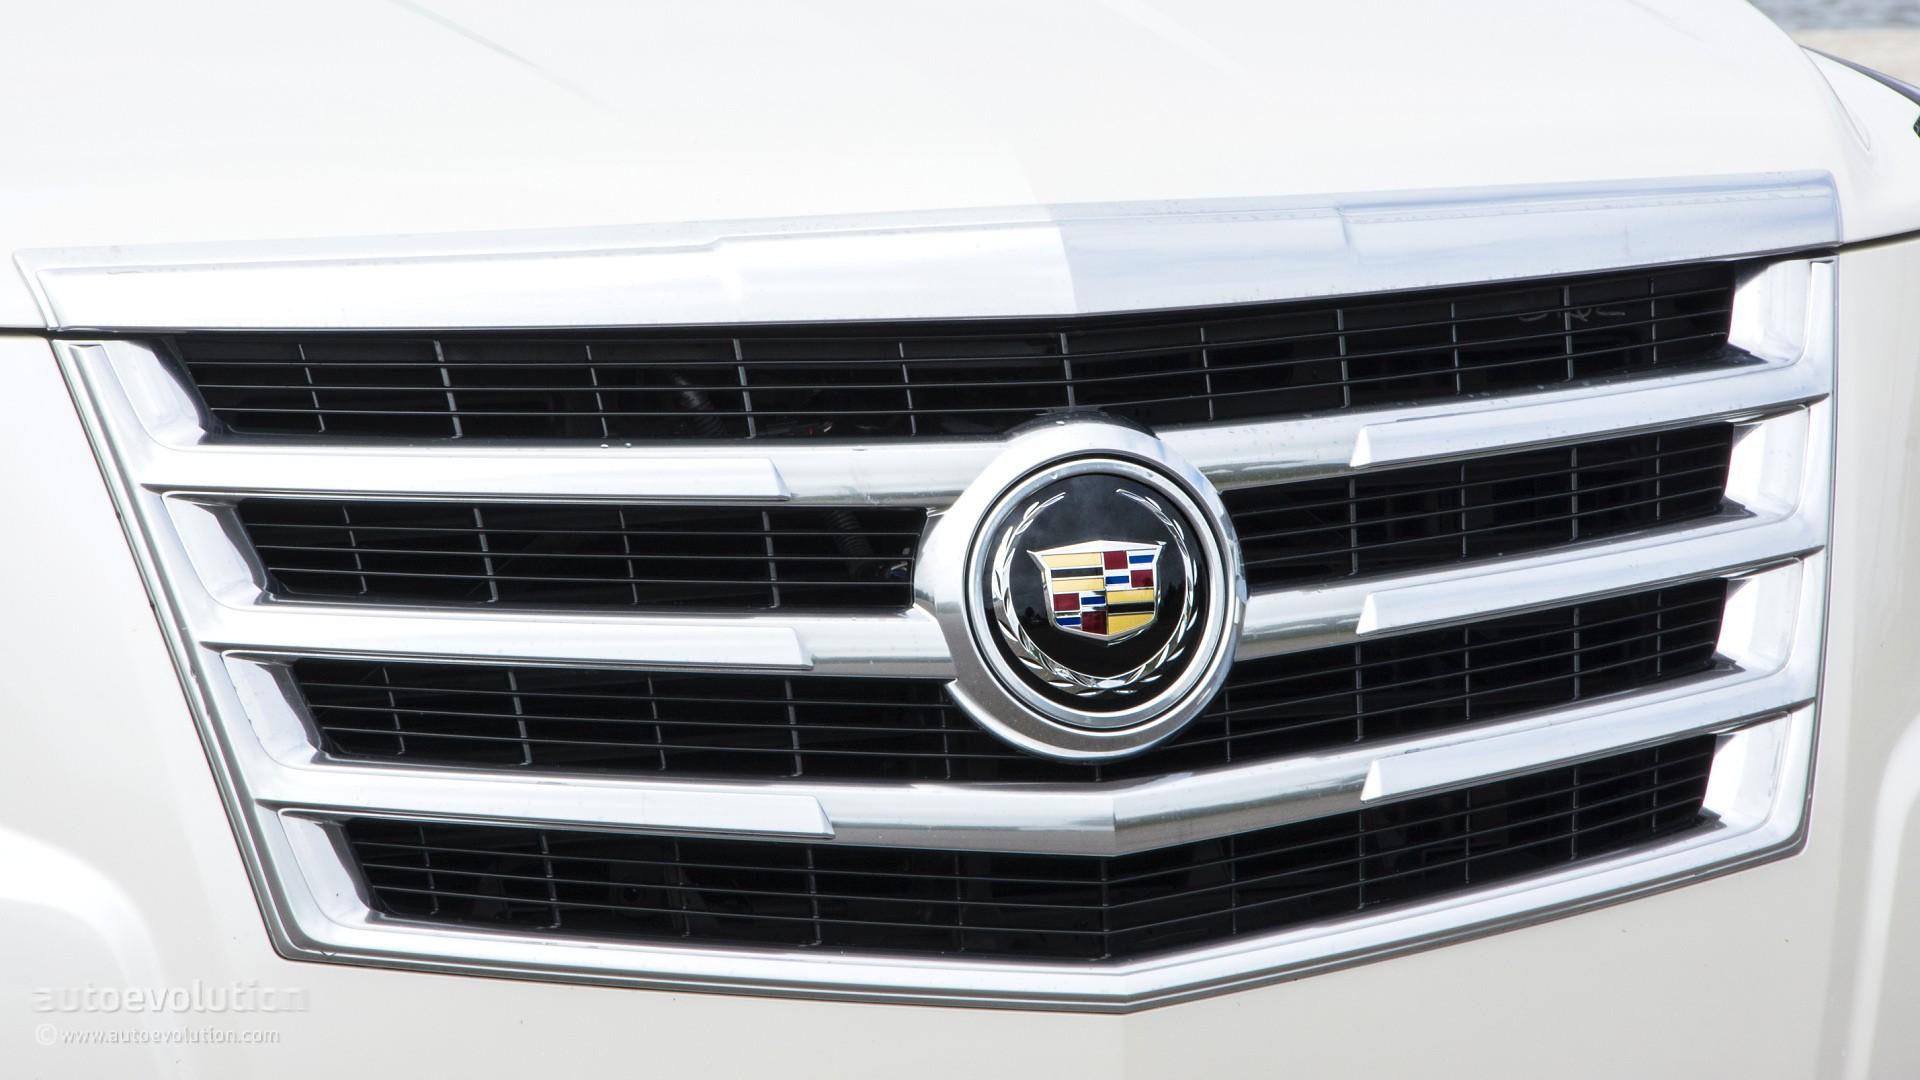 escalade news more magazine cockpit review cadillac show truck automobile